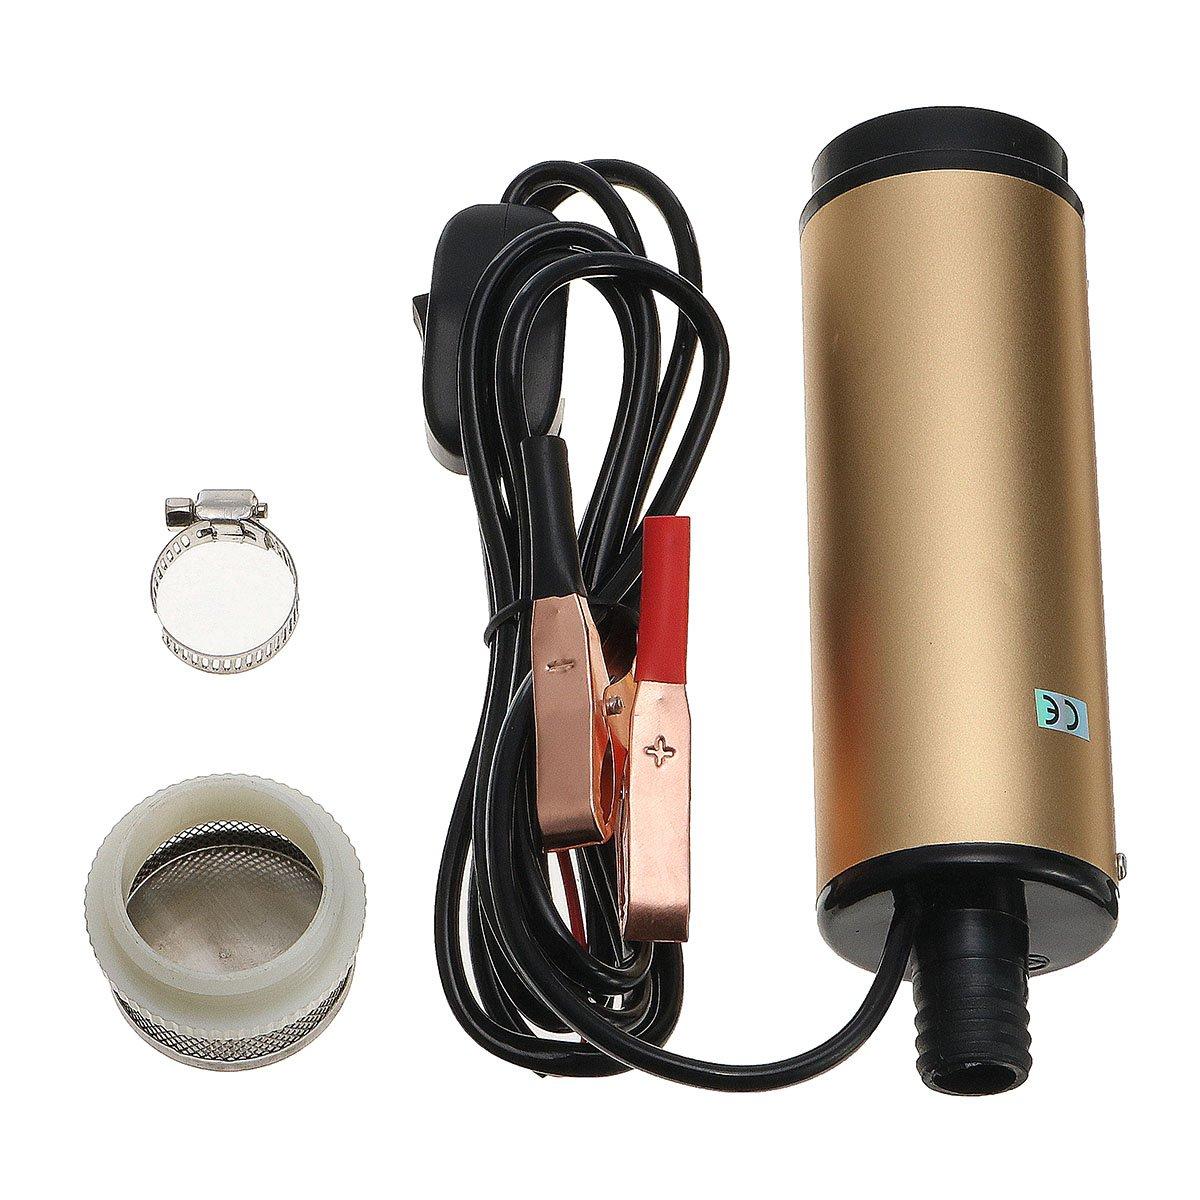 Alamor Dc 12V/24V Sumergible Diesel Agua Aceite Líquido Eléctrico De Transferencia De Combustible Bomba Filer - 24V: Amazon.es: Hogar